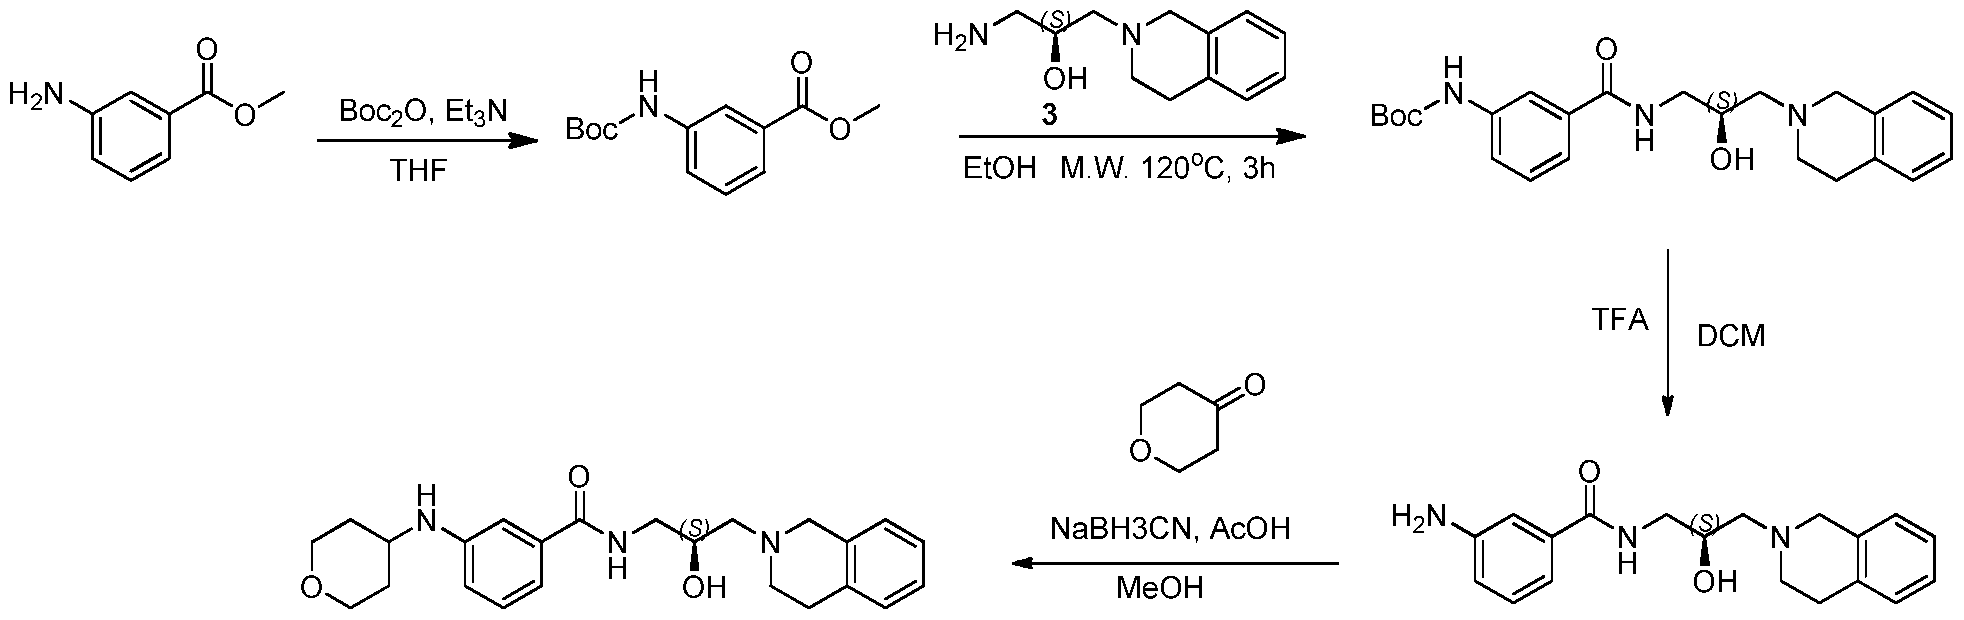 Figure imgf000231_0002